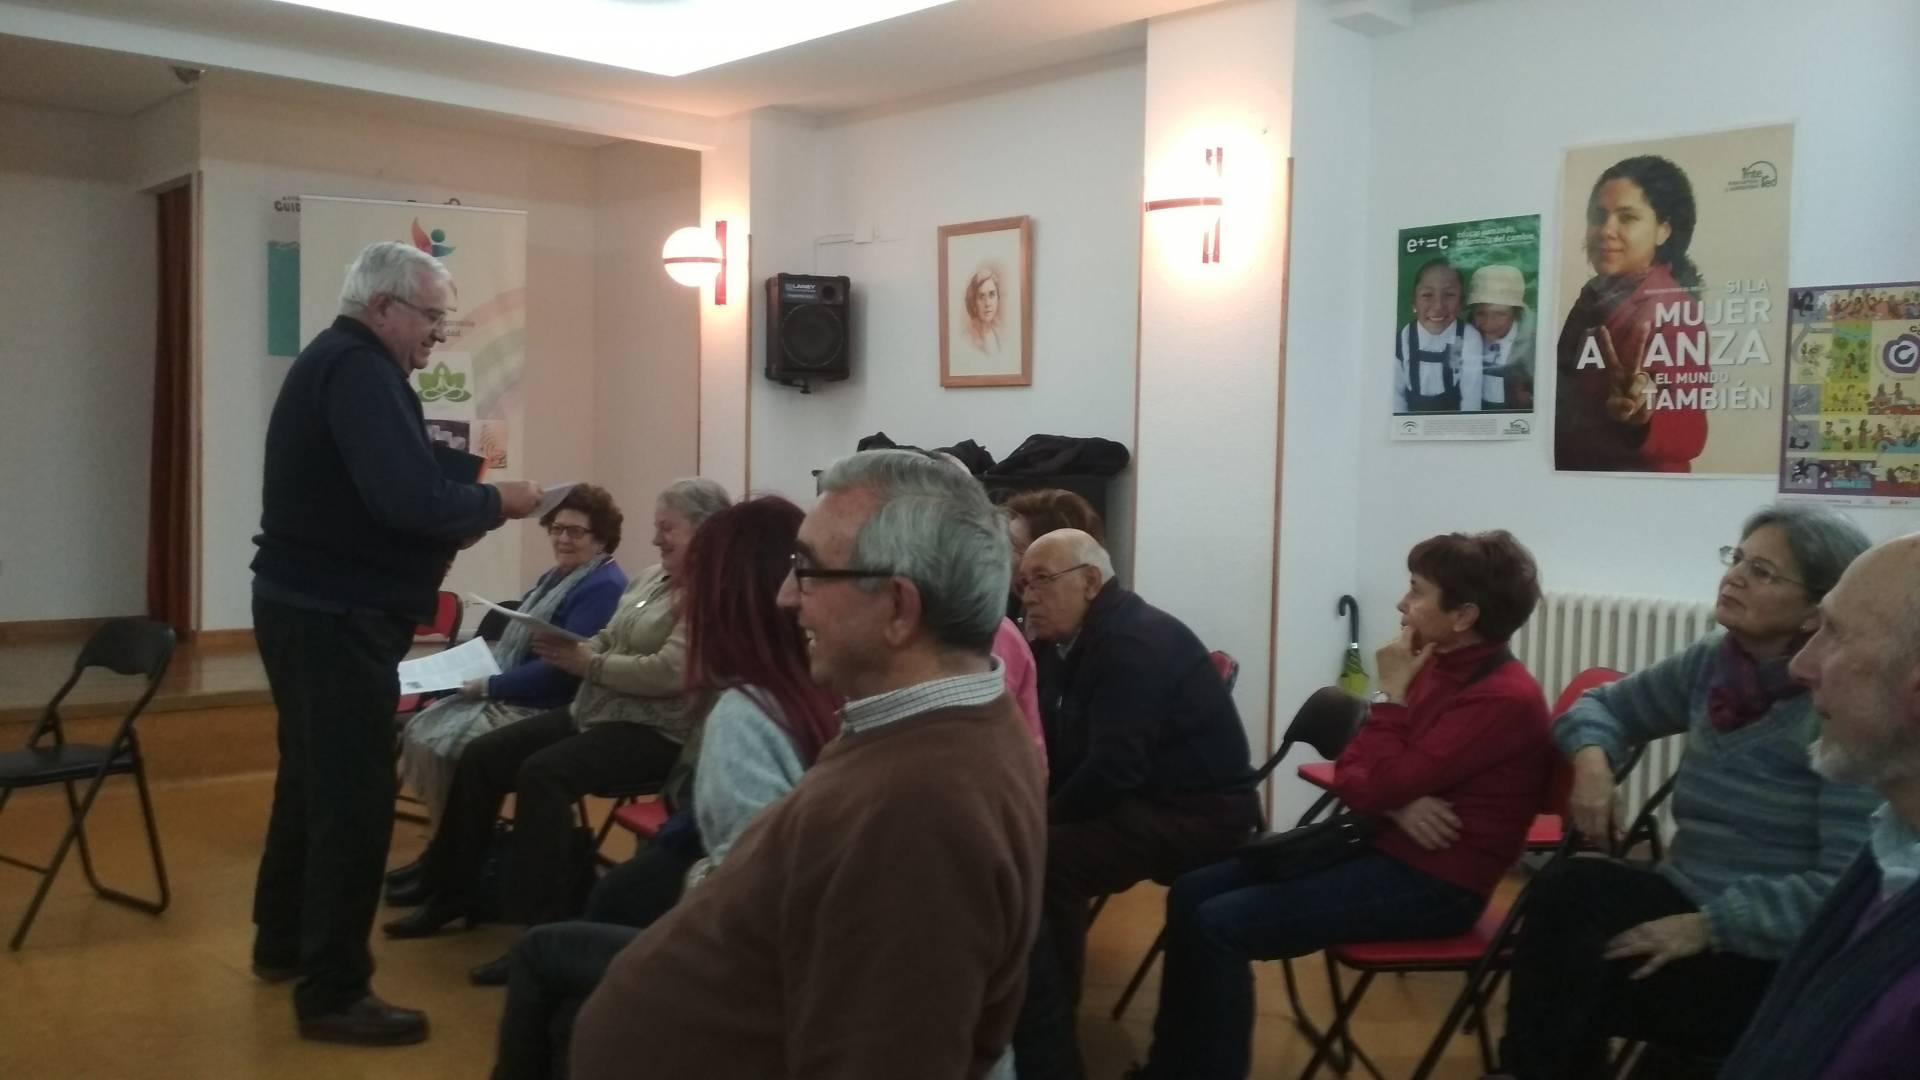 El encuentro se desarrolló en la sede de la Institución Teresiana.